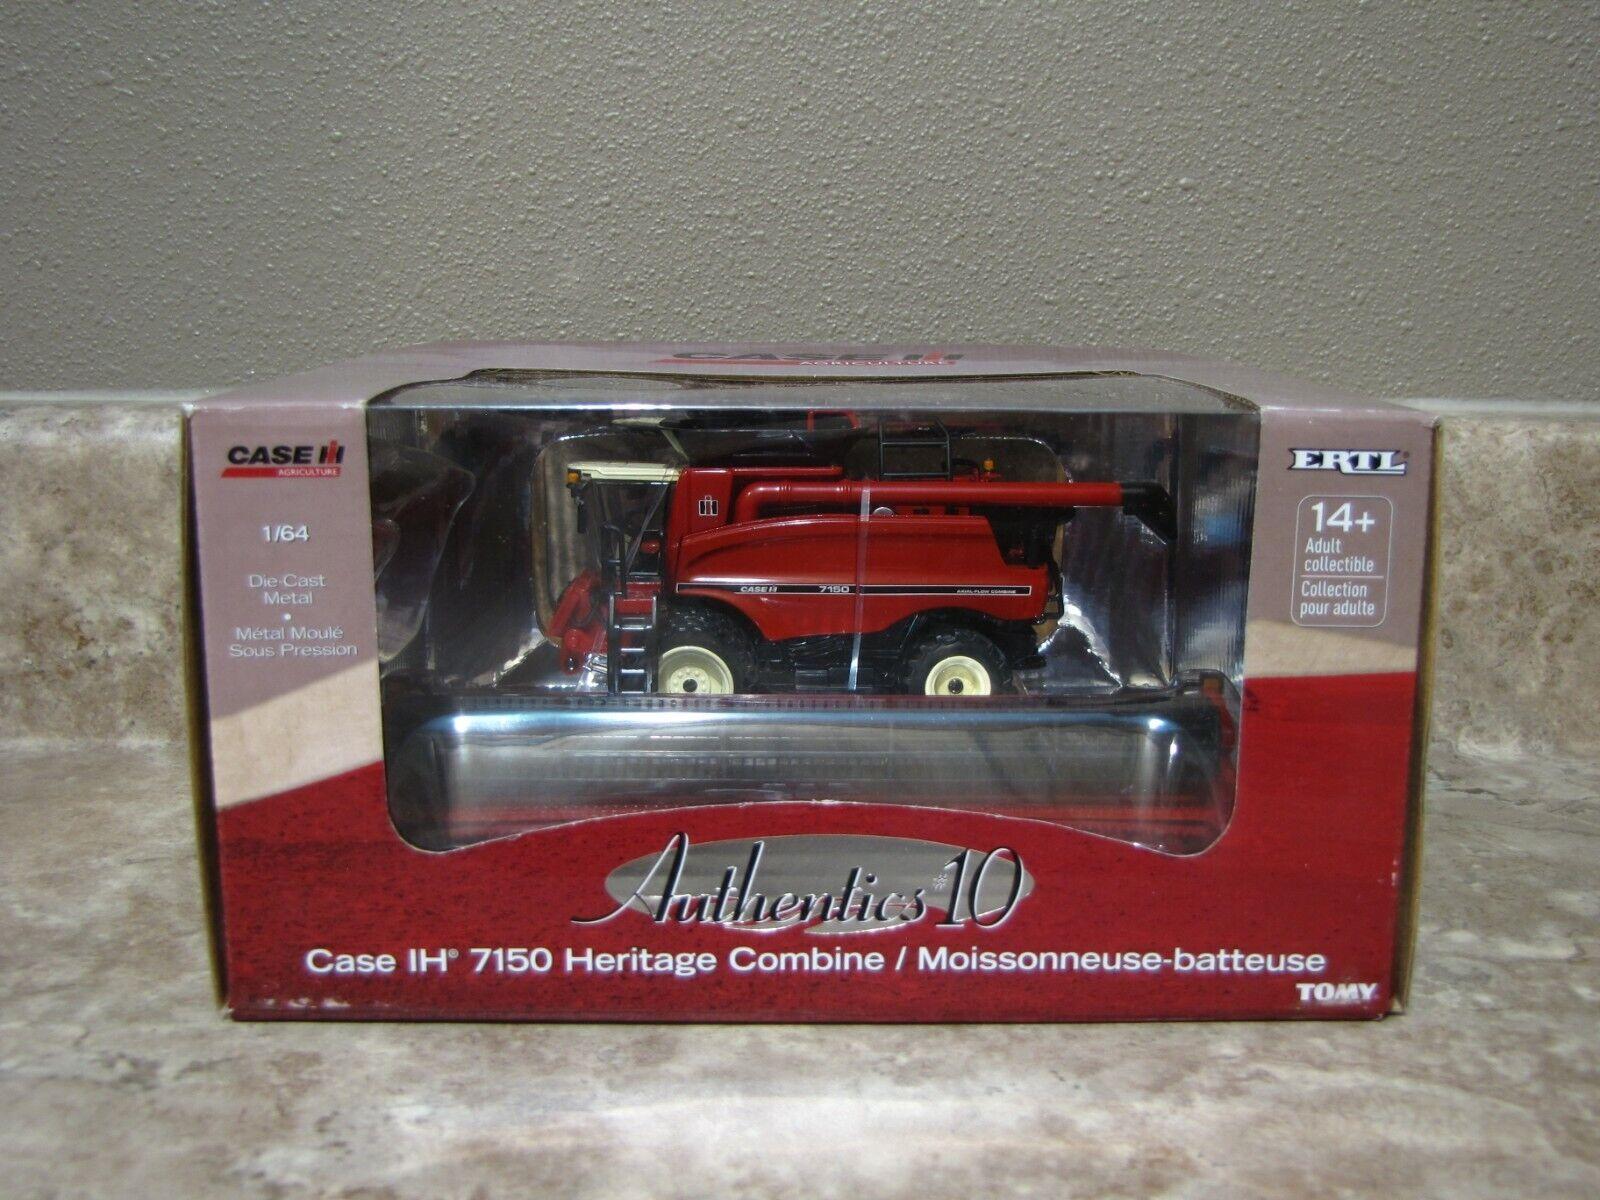 Ertl 1/64 Case IH 7150 Authentics Heritage Combine Farm Toy